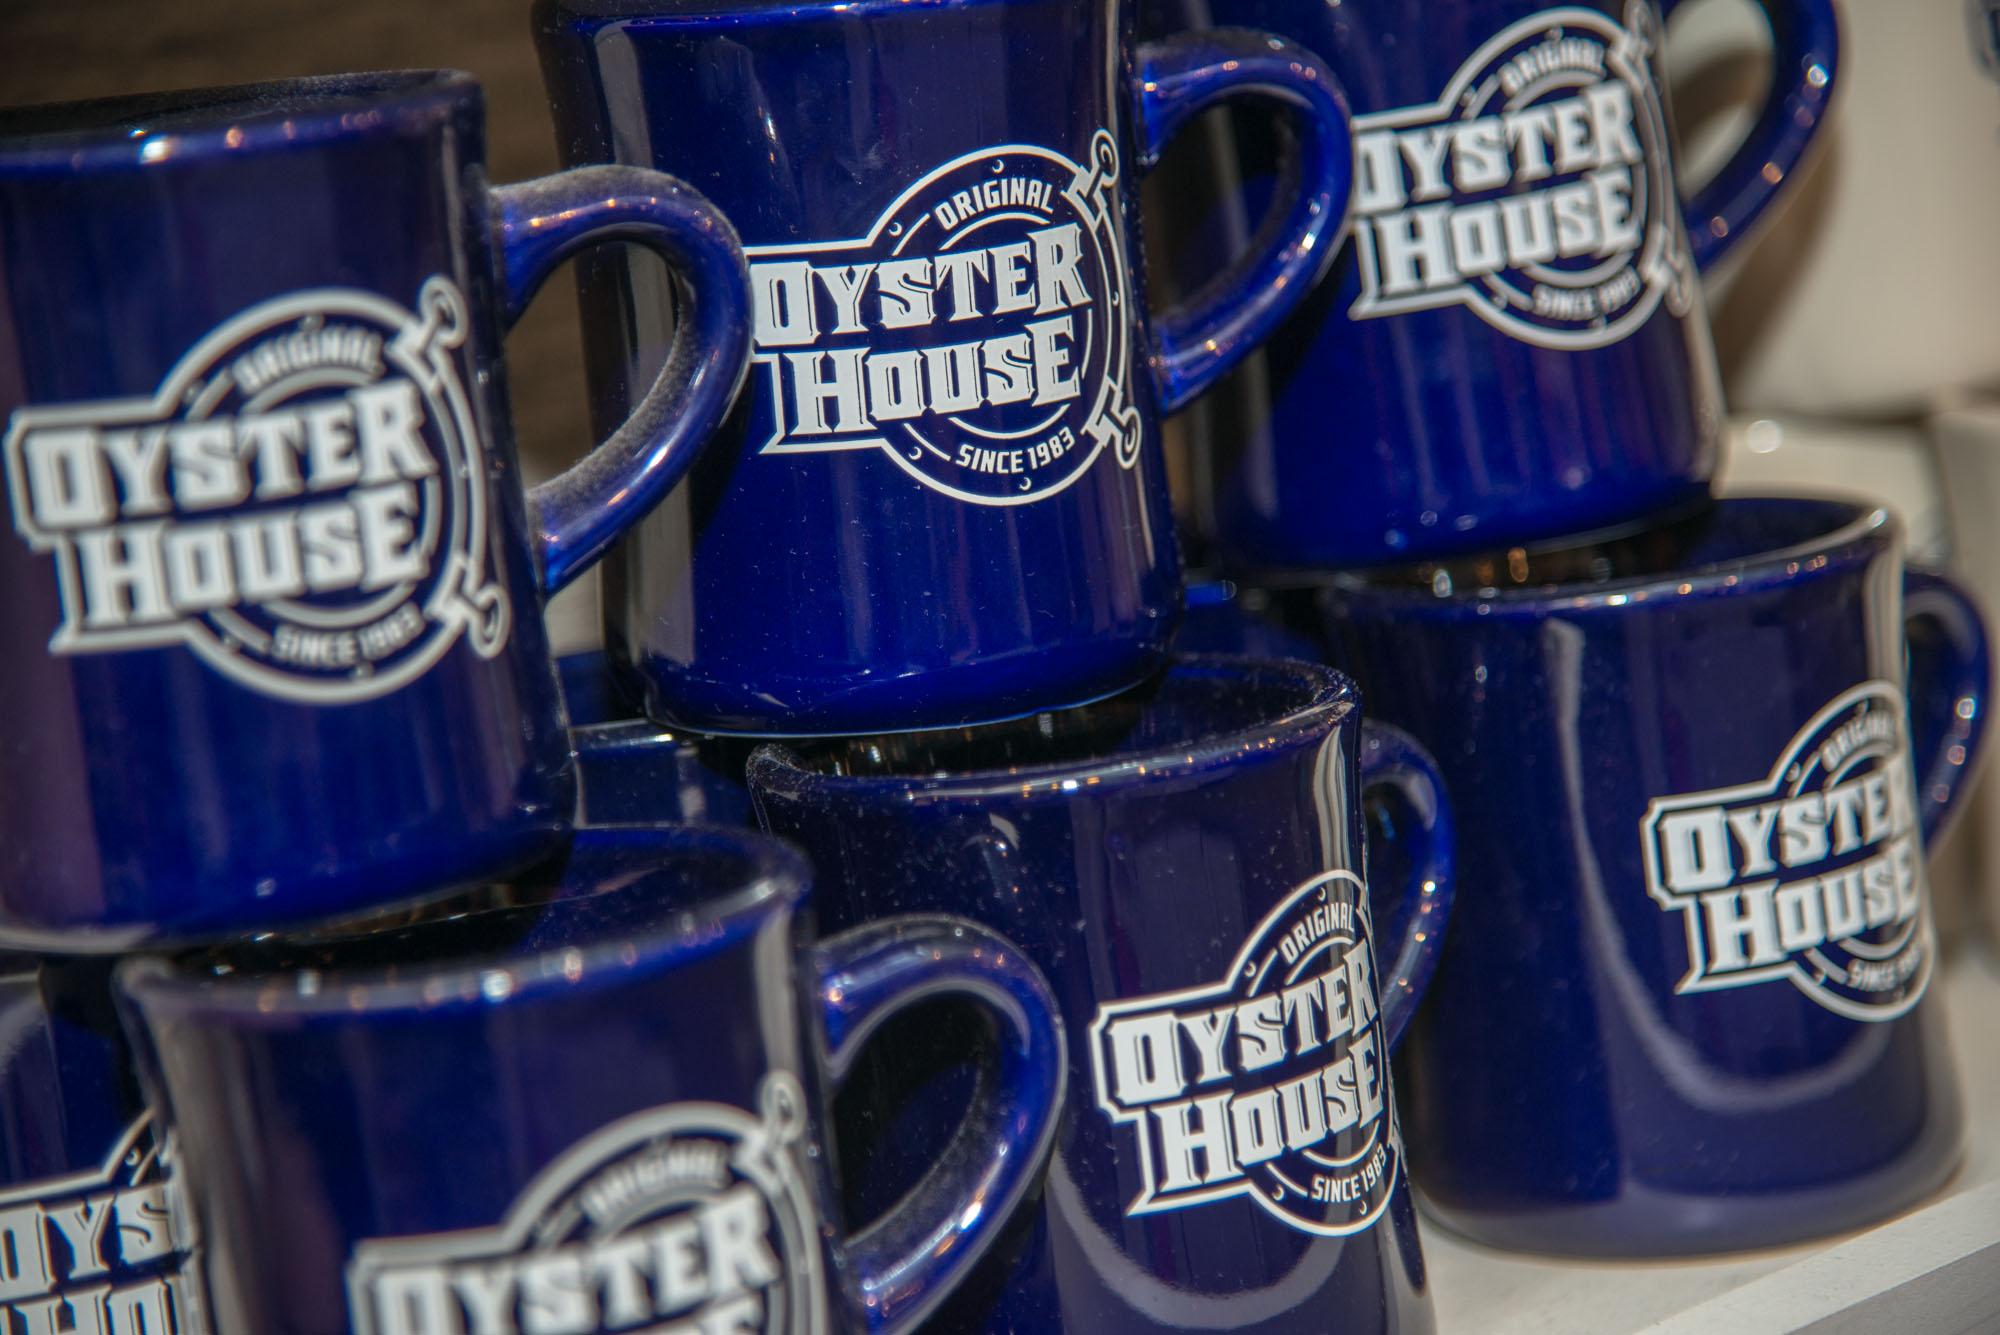 original oyster house blue mugs